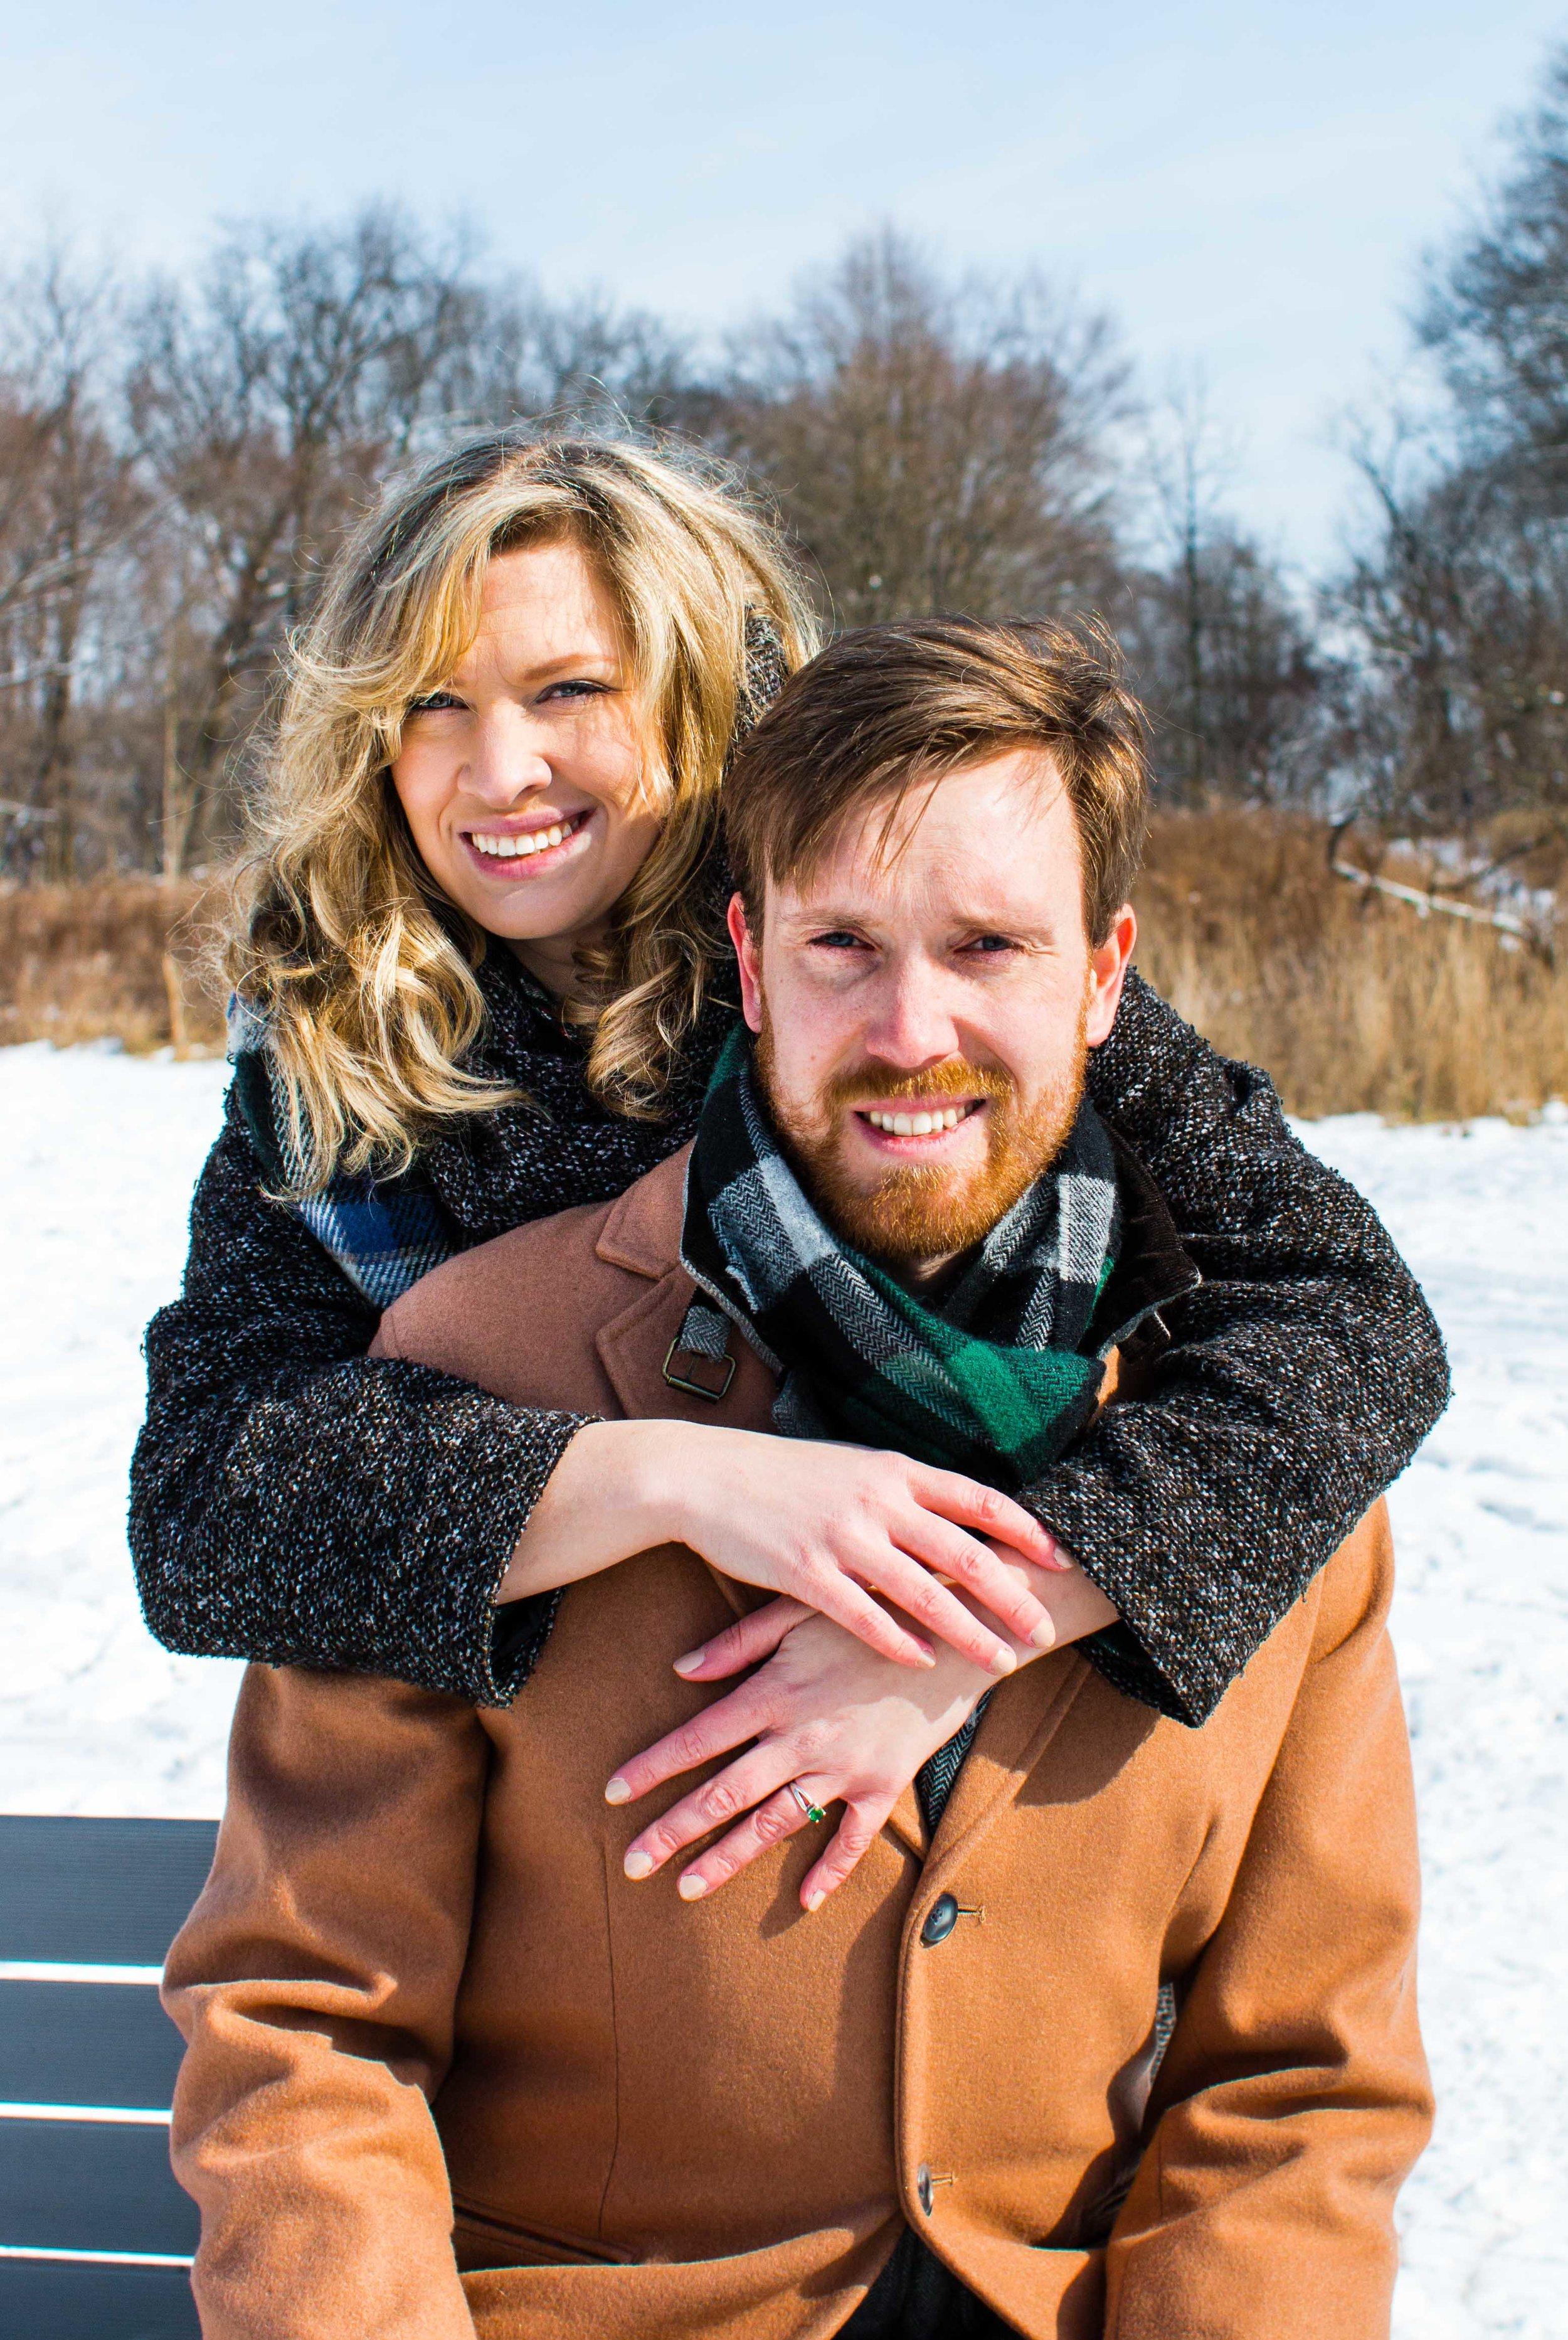 Tara & Ben_Engagement_020219_low res-48.jpg